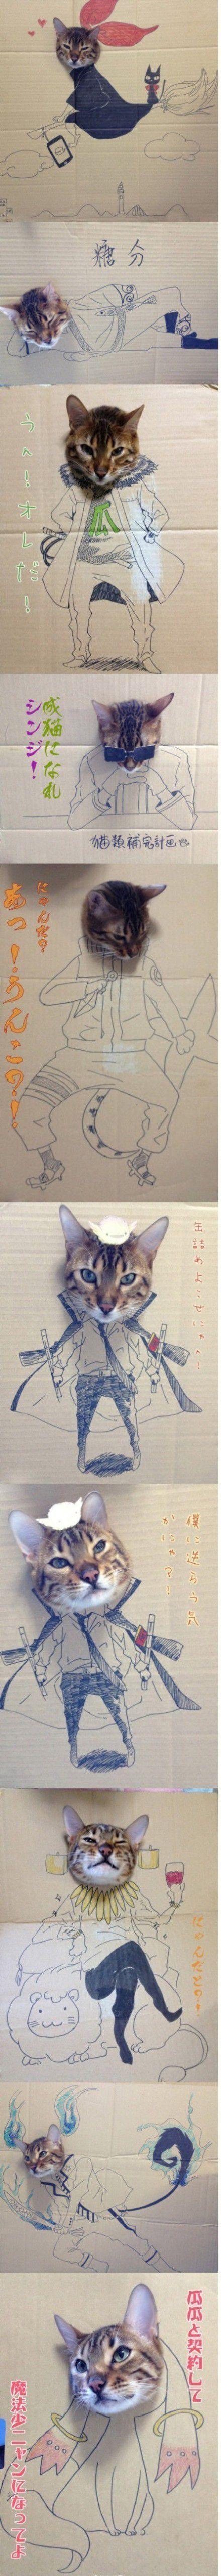 Ya les había dicho que los gatos son la cosa mas hermosa del mundo *0*